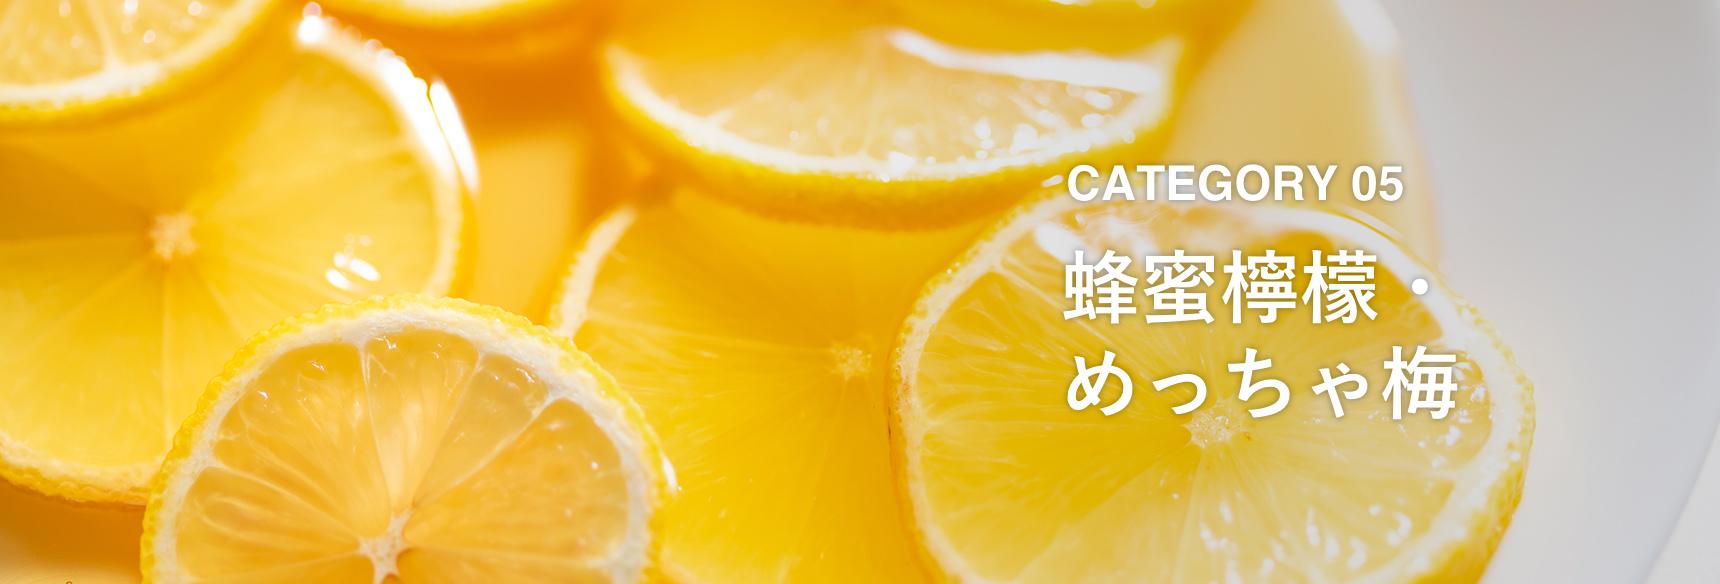 蜂蜜檸檬・めっちゃ梅